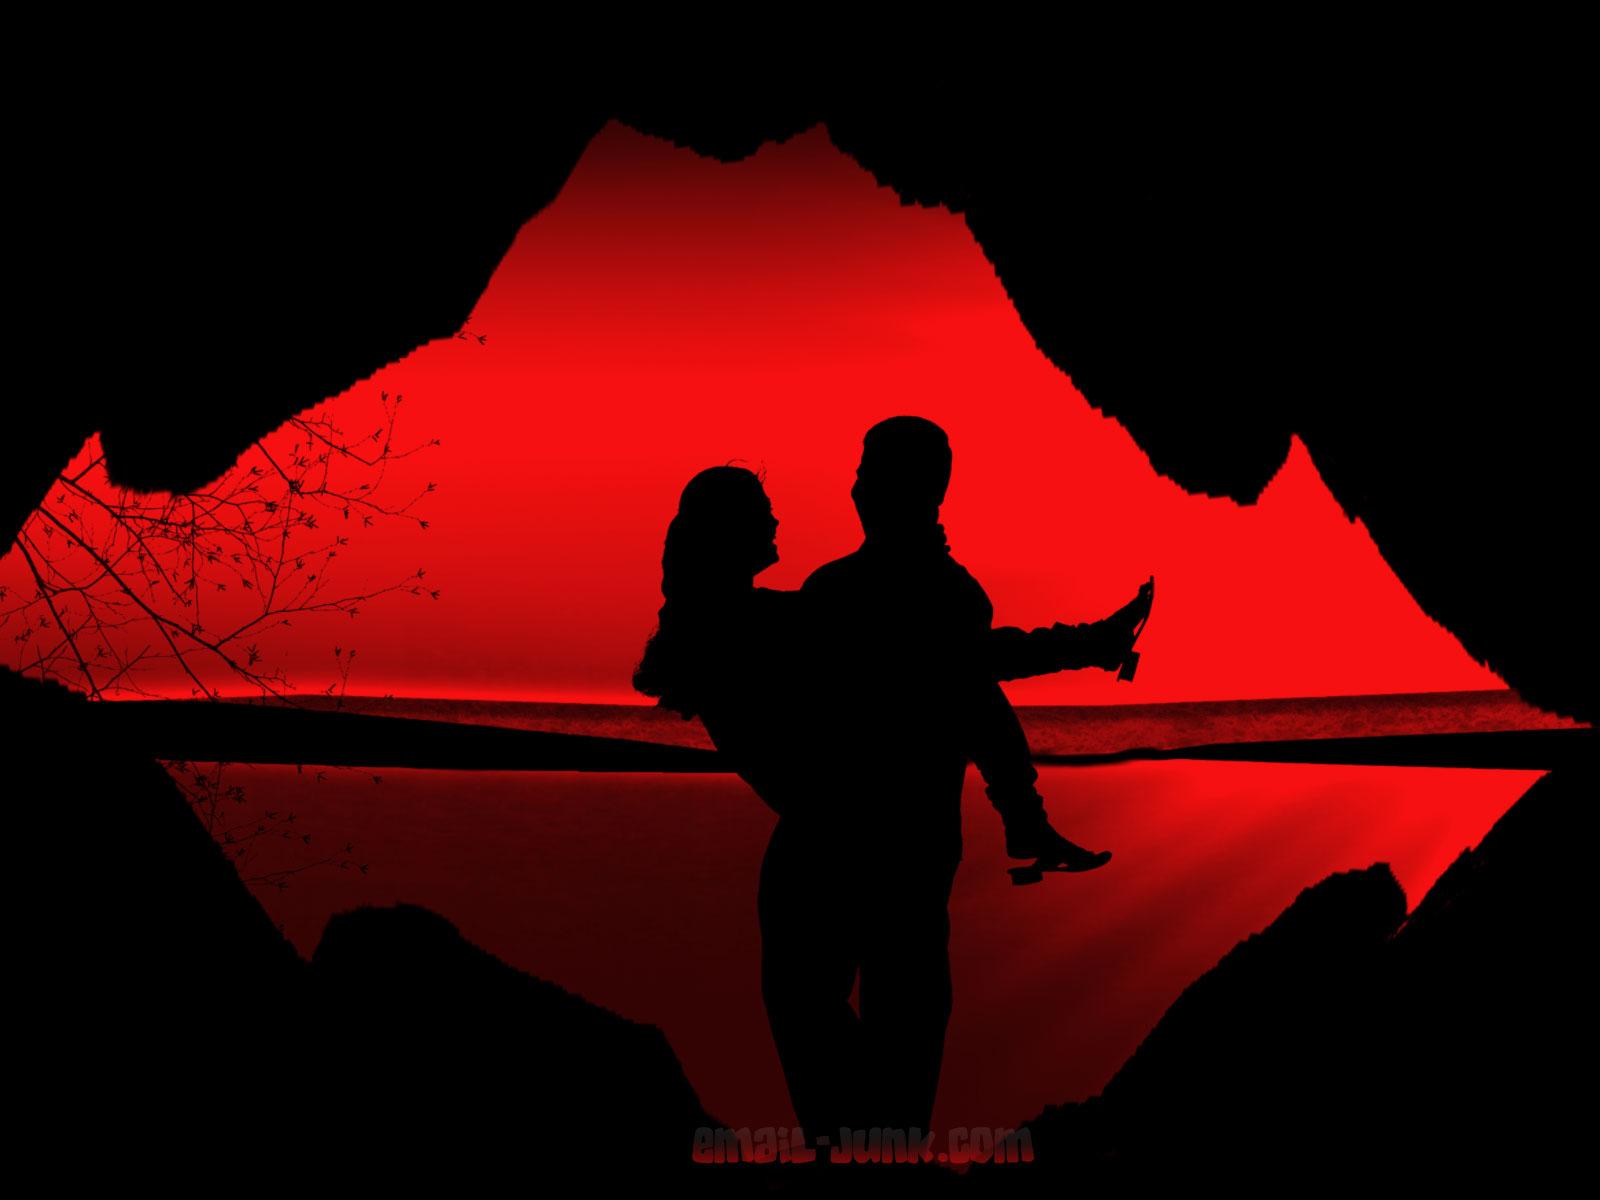 77 Love Images Wallpaper On Wallpapersafari